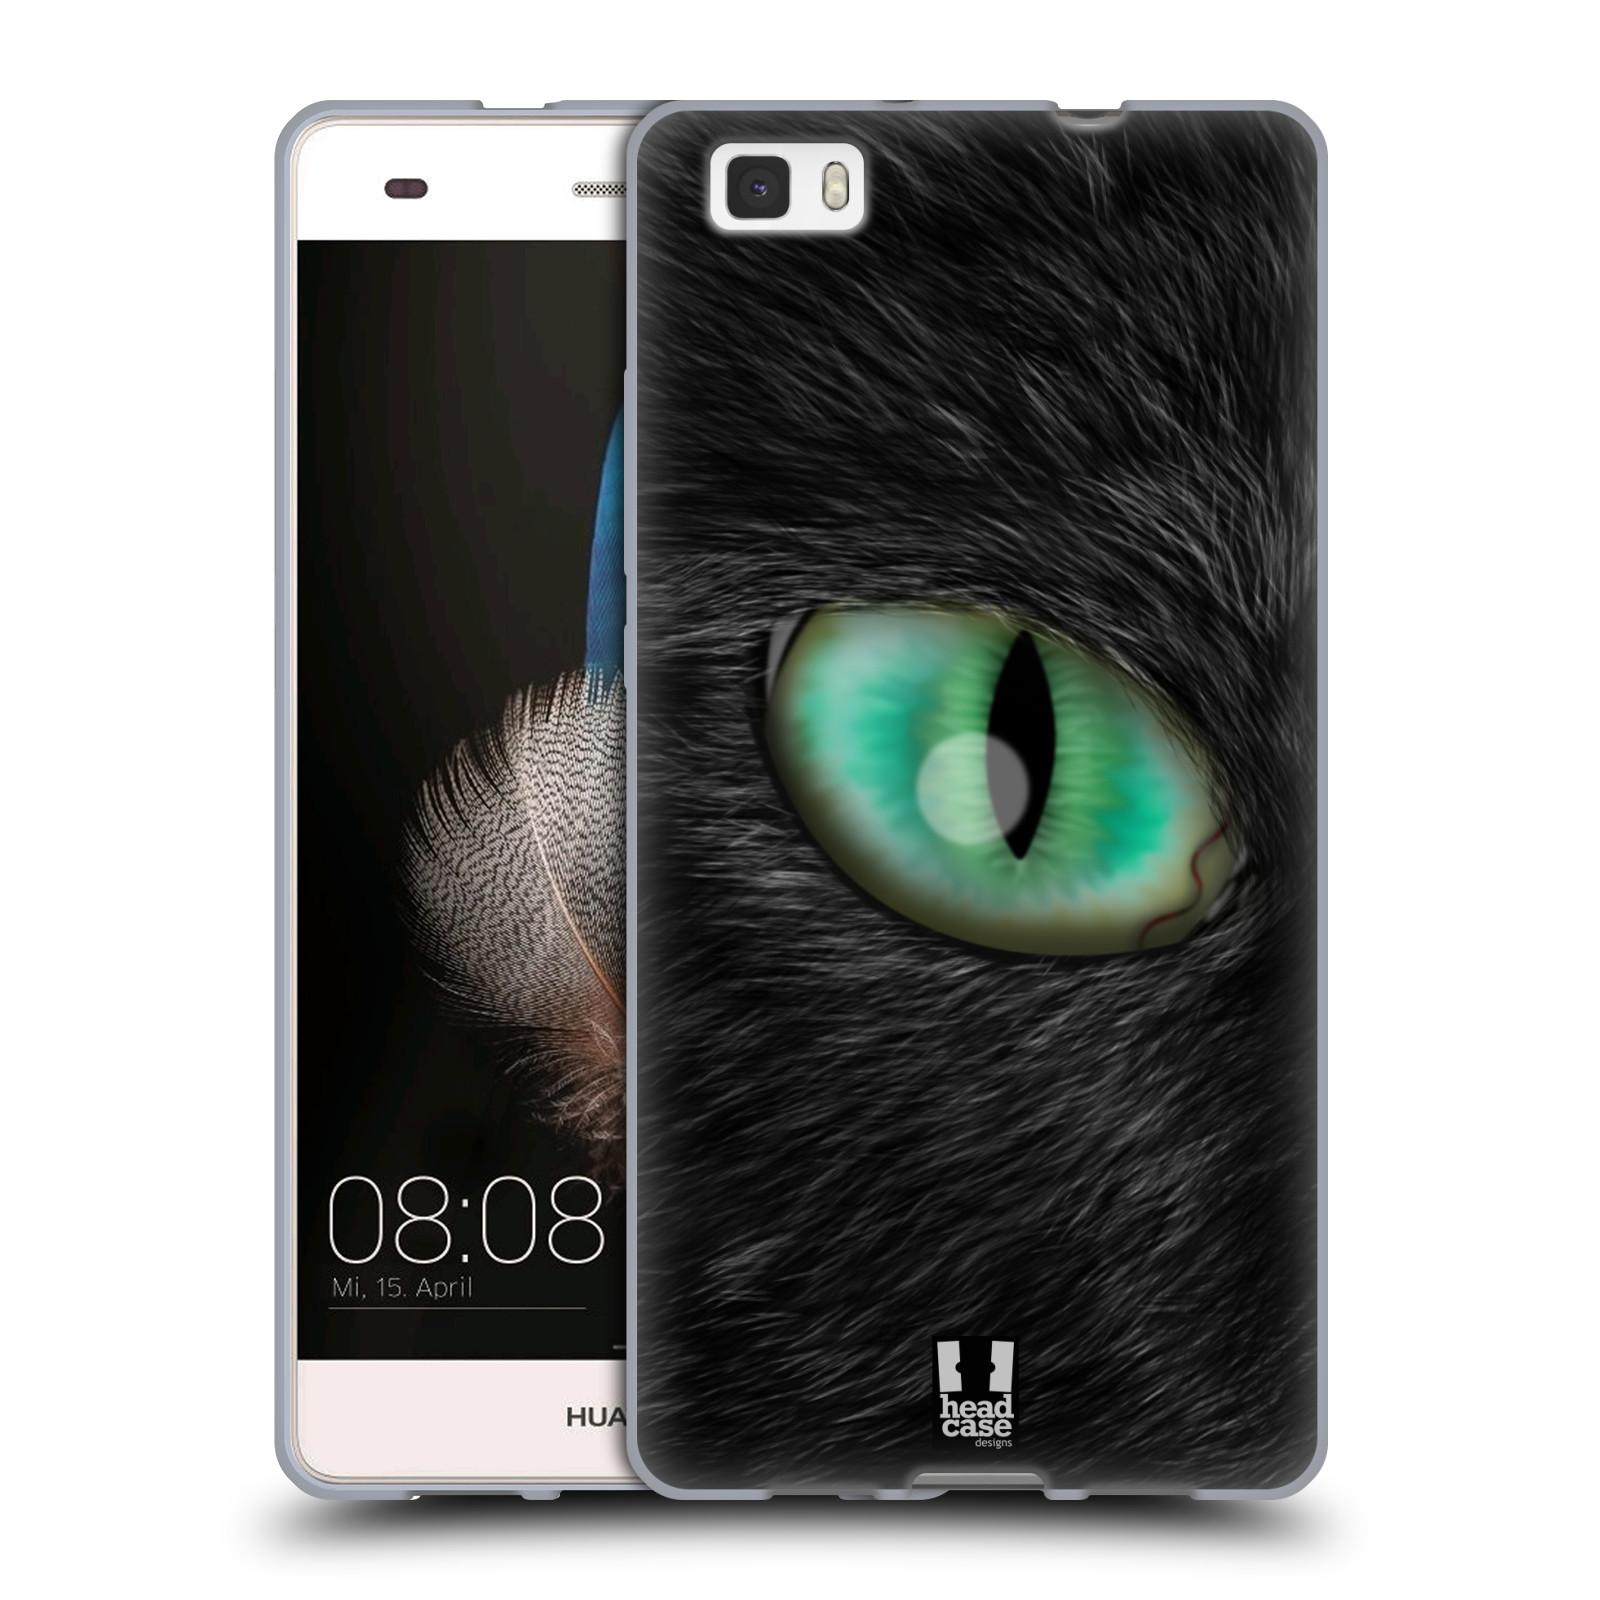 HEAD CASE silikonový obal na mobil HUAWEI P8 LITE vzor pohled zvířete oko kočka